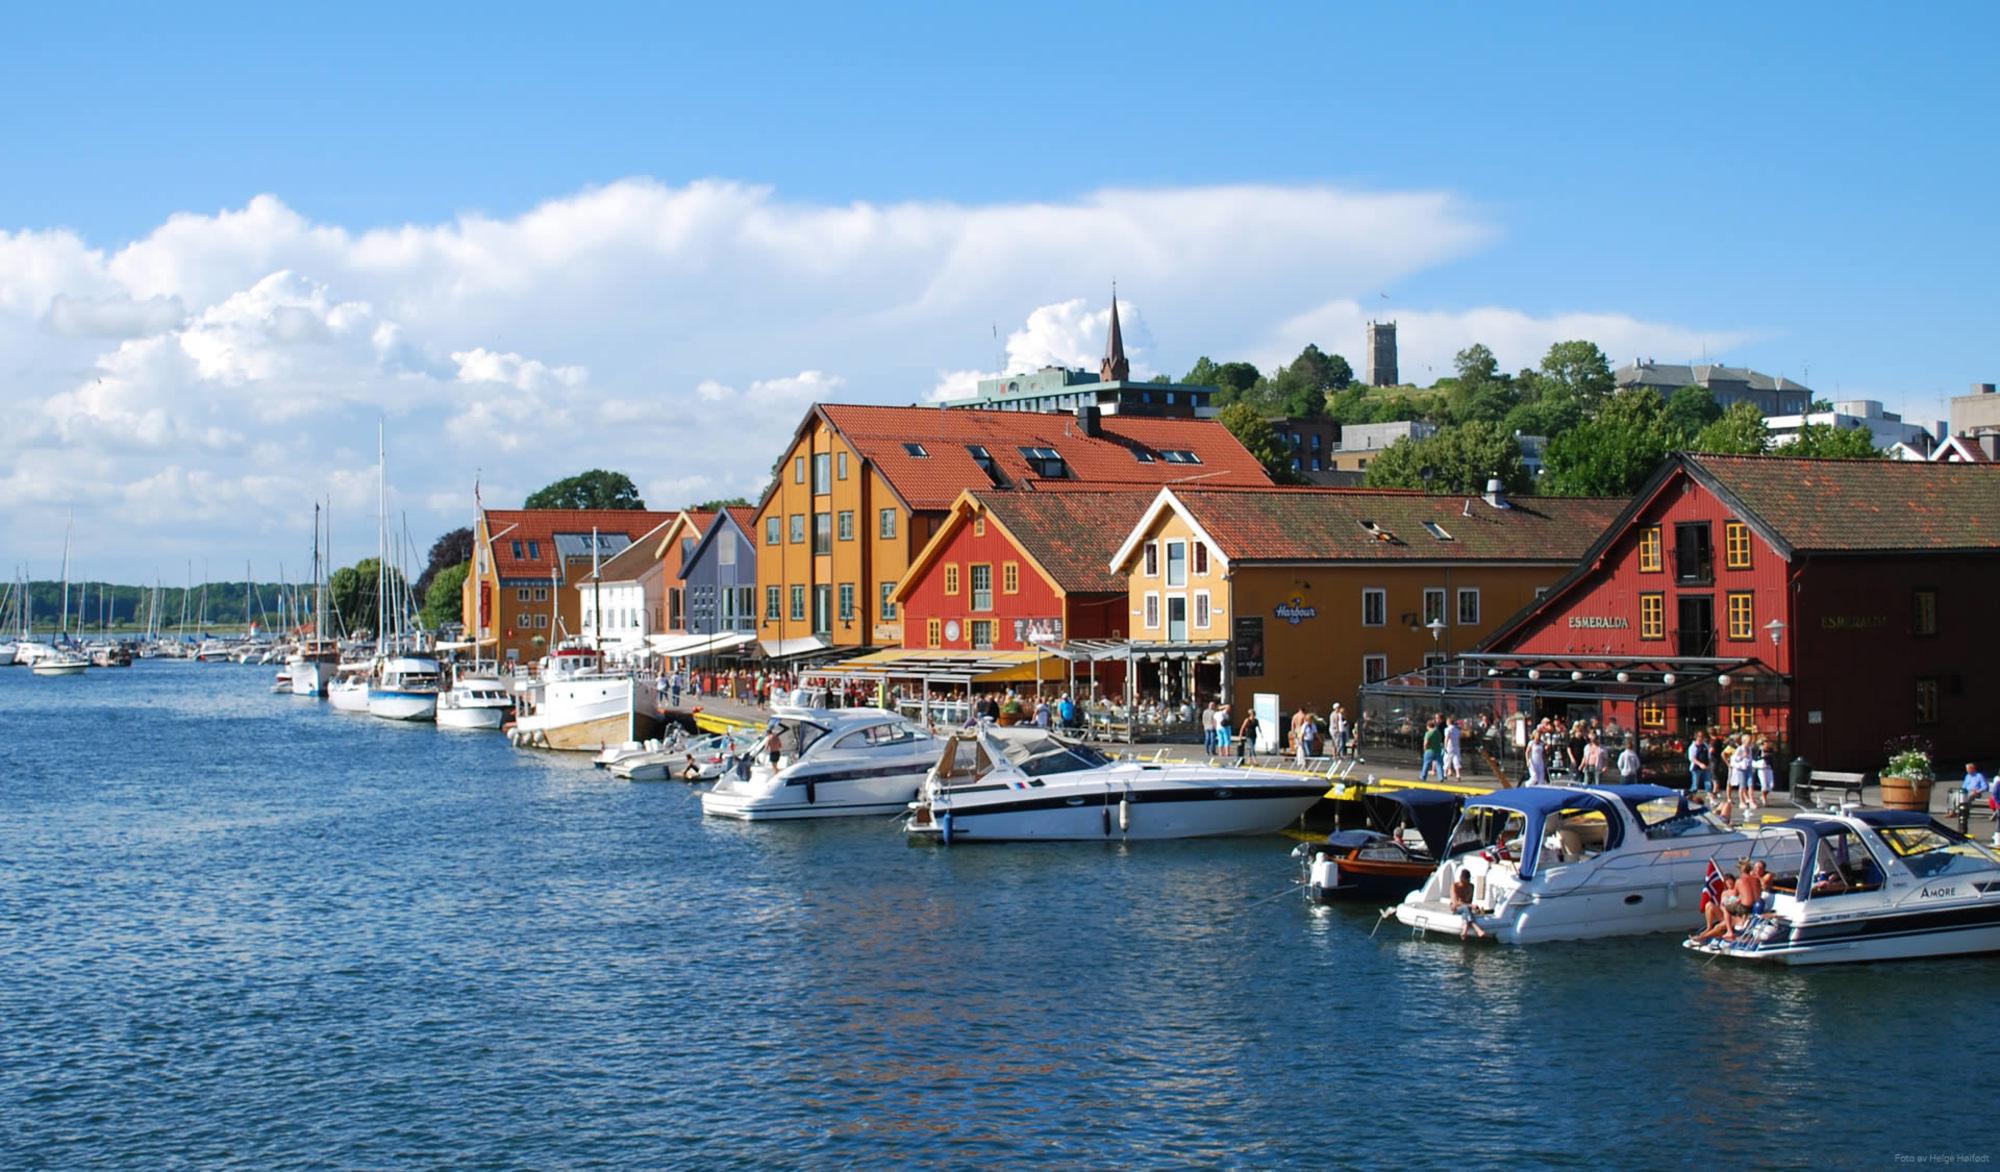 Bestill time hos en anbefalt frisør i Tønsberg på Fixit.no. Sjekk priser og les kundeomtaler før du bestemmer deg. Rask og enkel timebestilling!